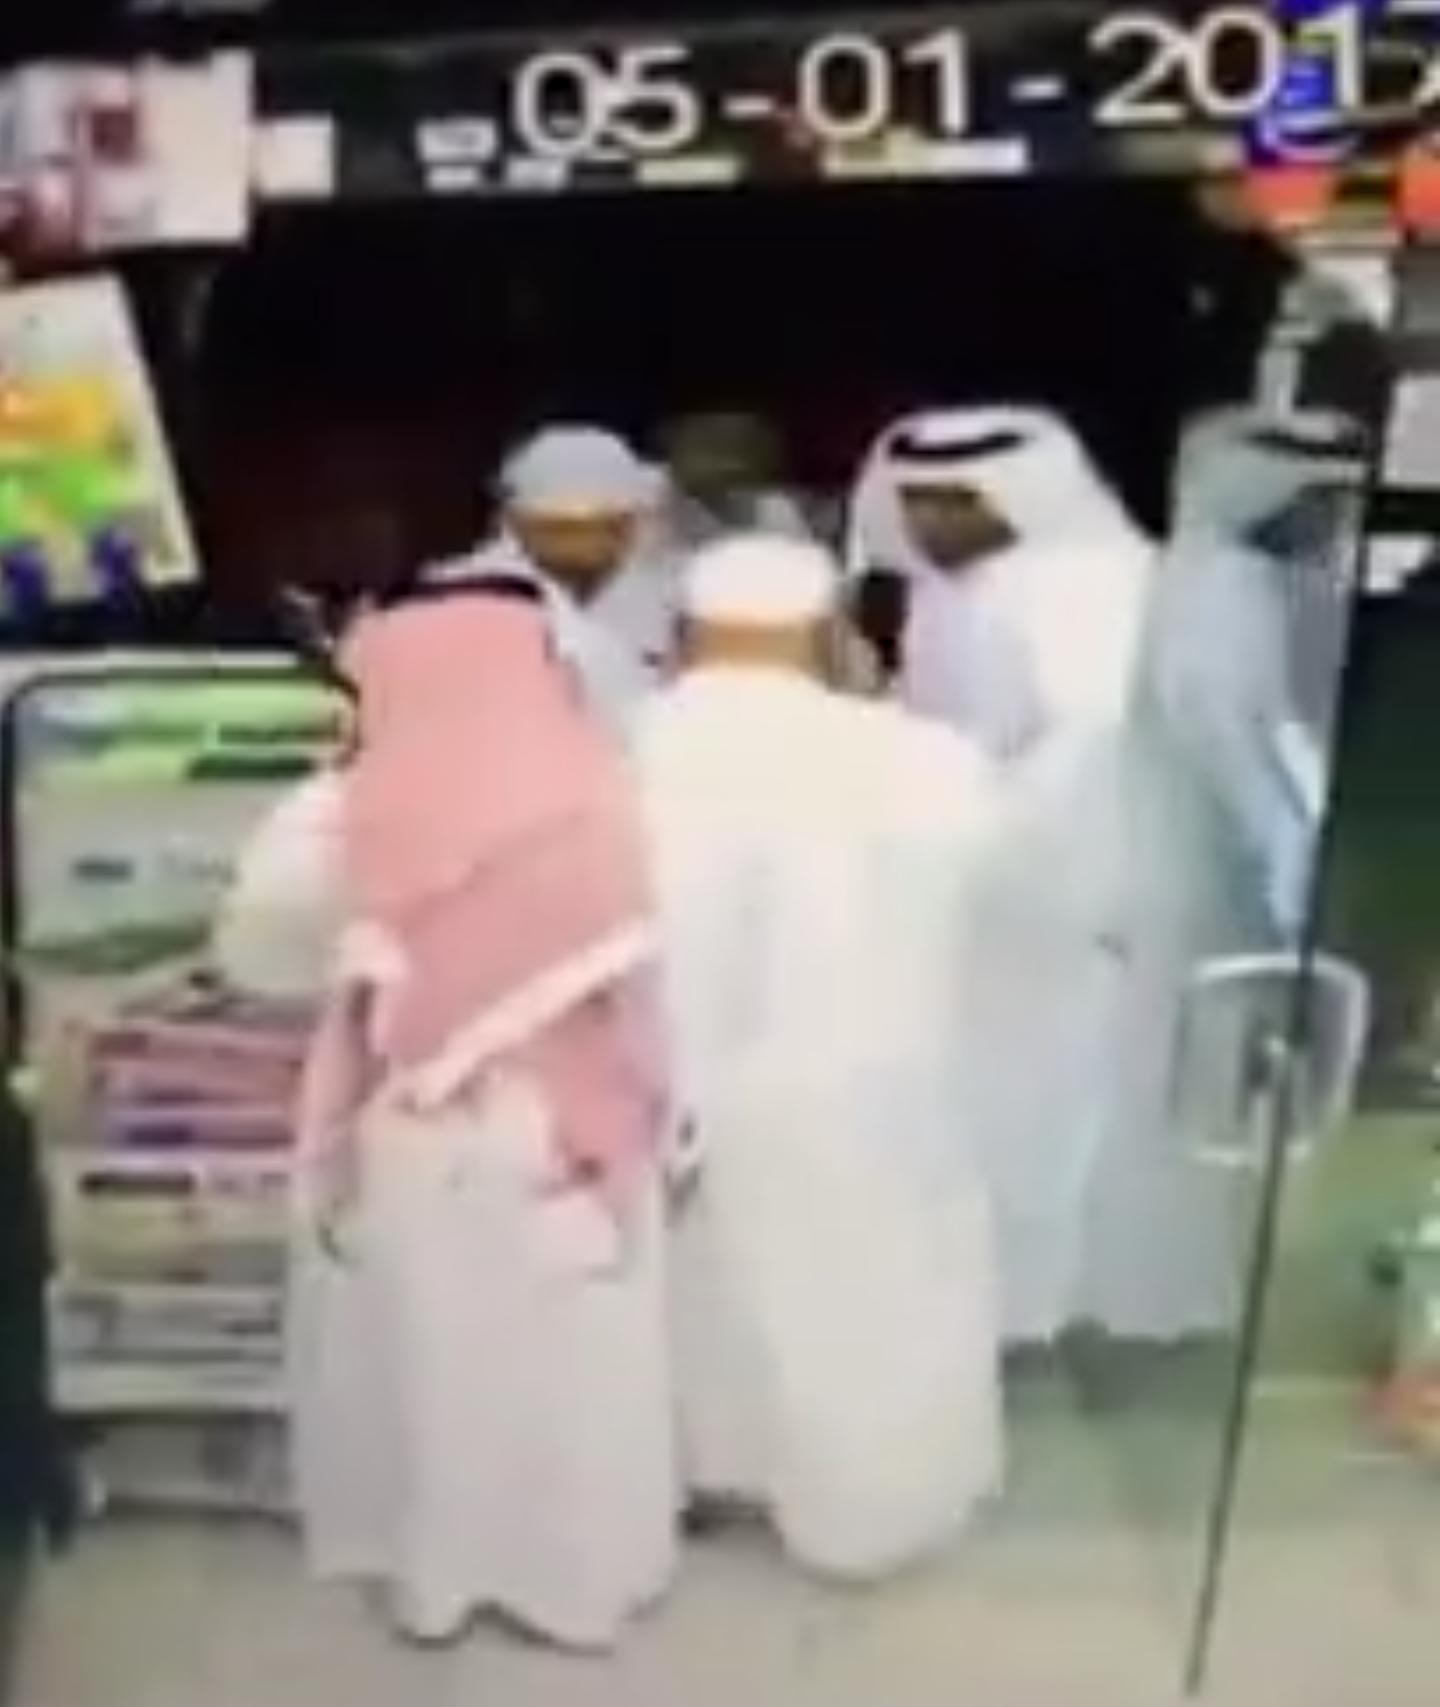 كاميرا بقالة  ترصد عصابة سرقة محترفة في جدة تسرق محفظة مواطن